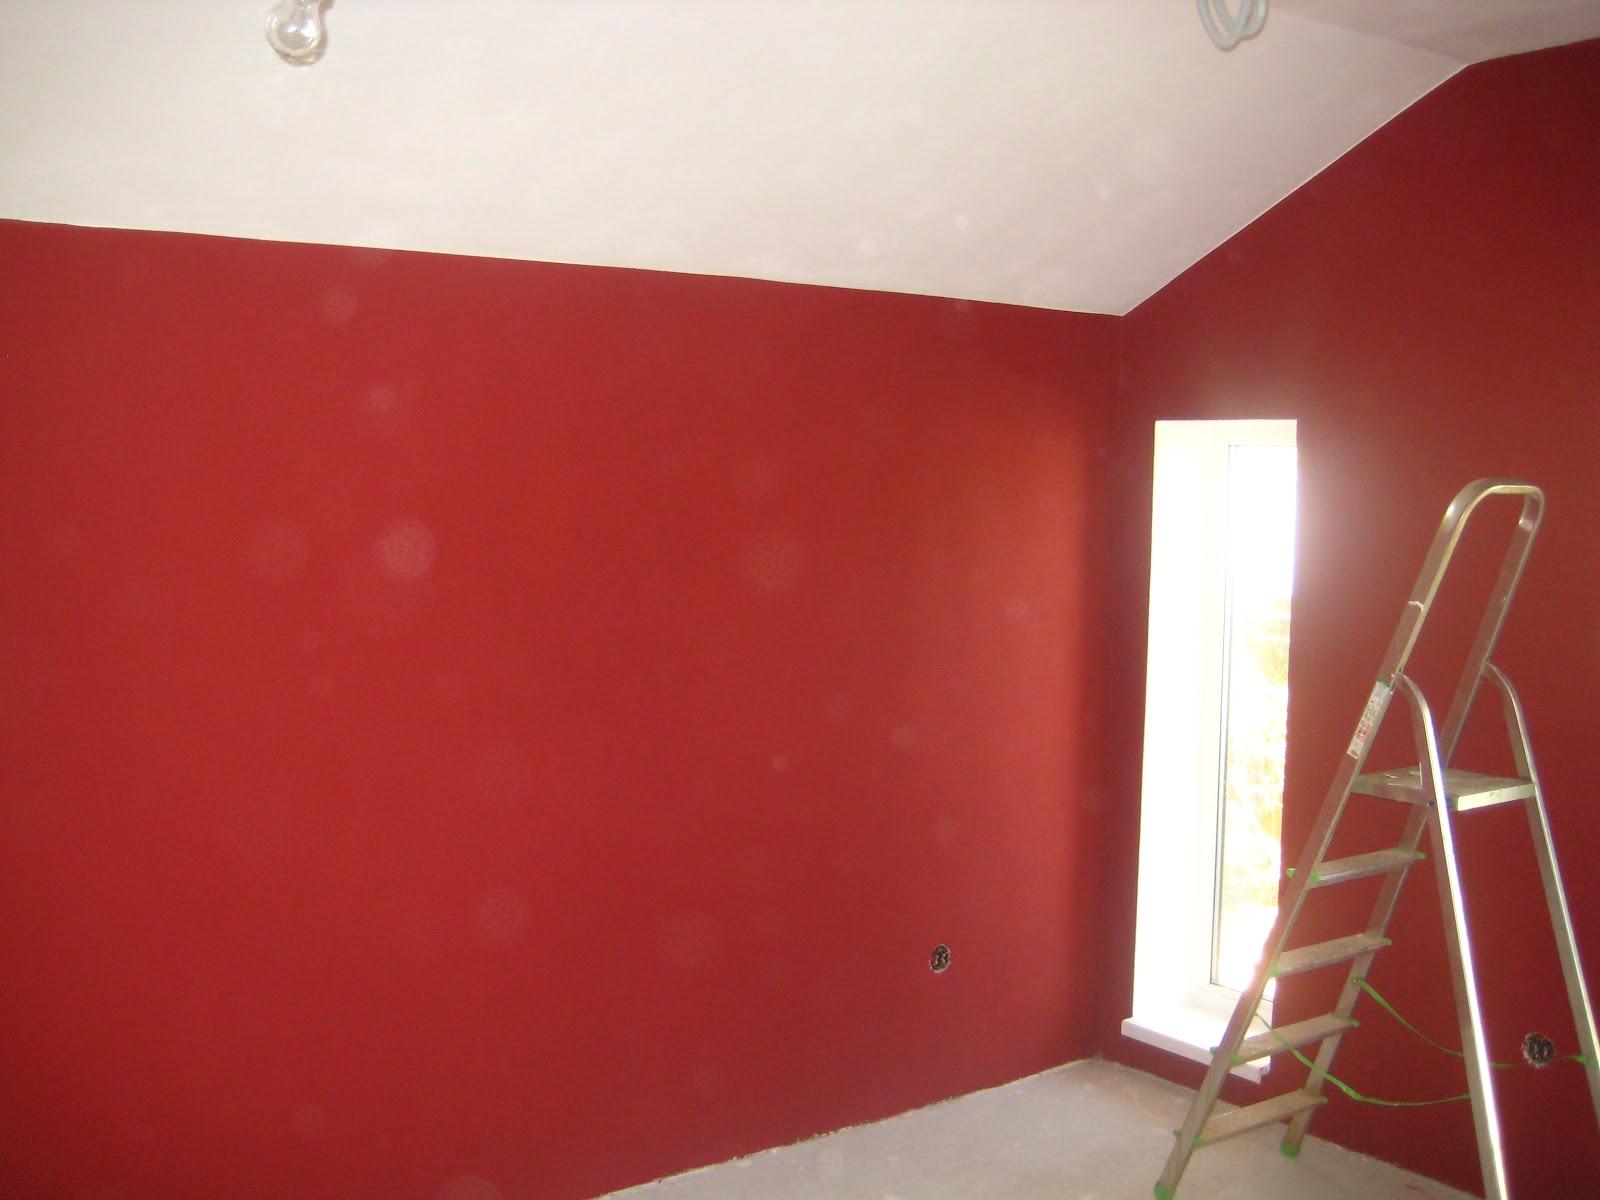 Ons nieuwbouw huis in podhorany (po): alles in kleur